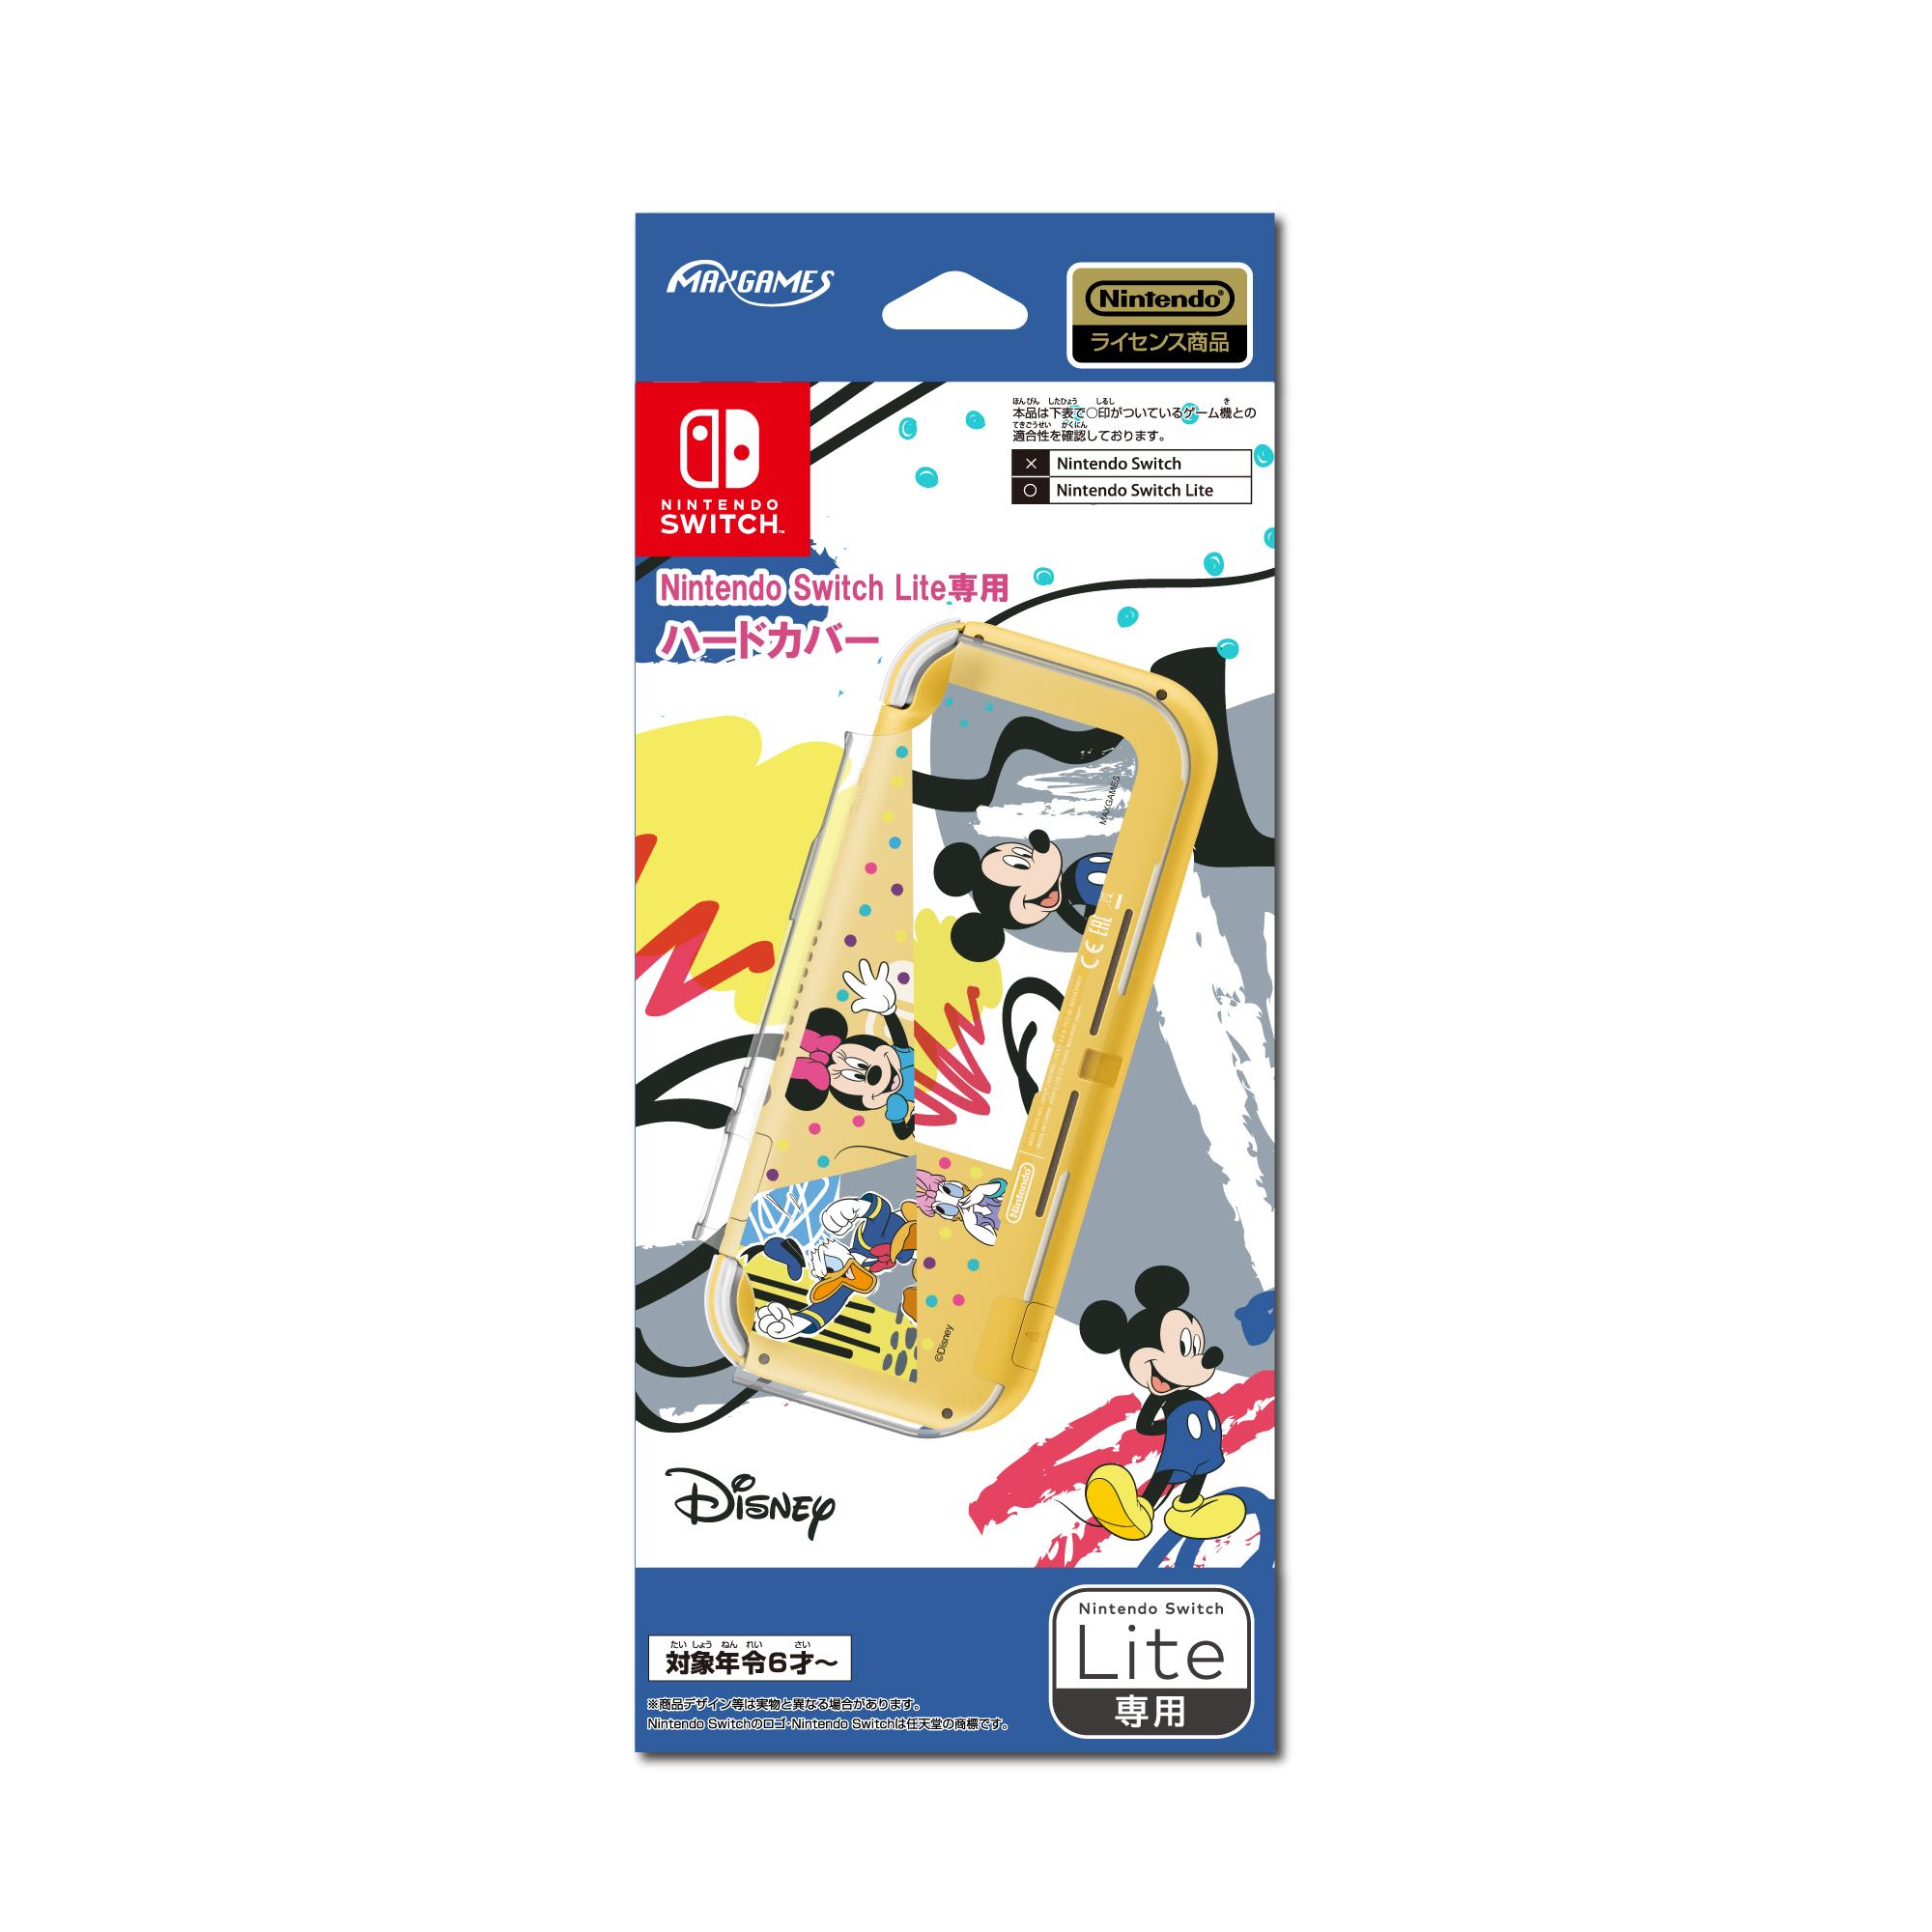 Nintendo Switch Lite専用<br>ハードカバー<br>ミッキー&フレンズ